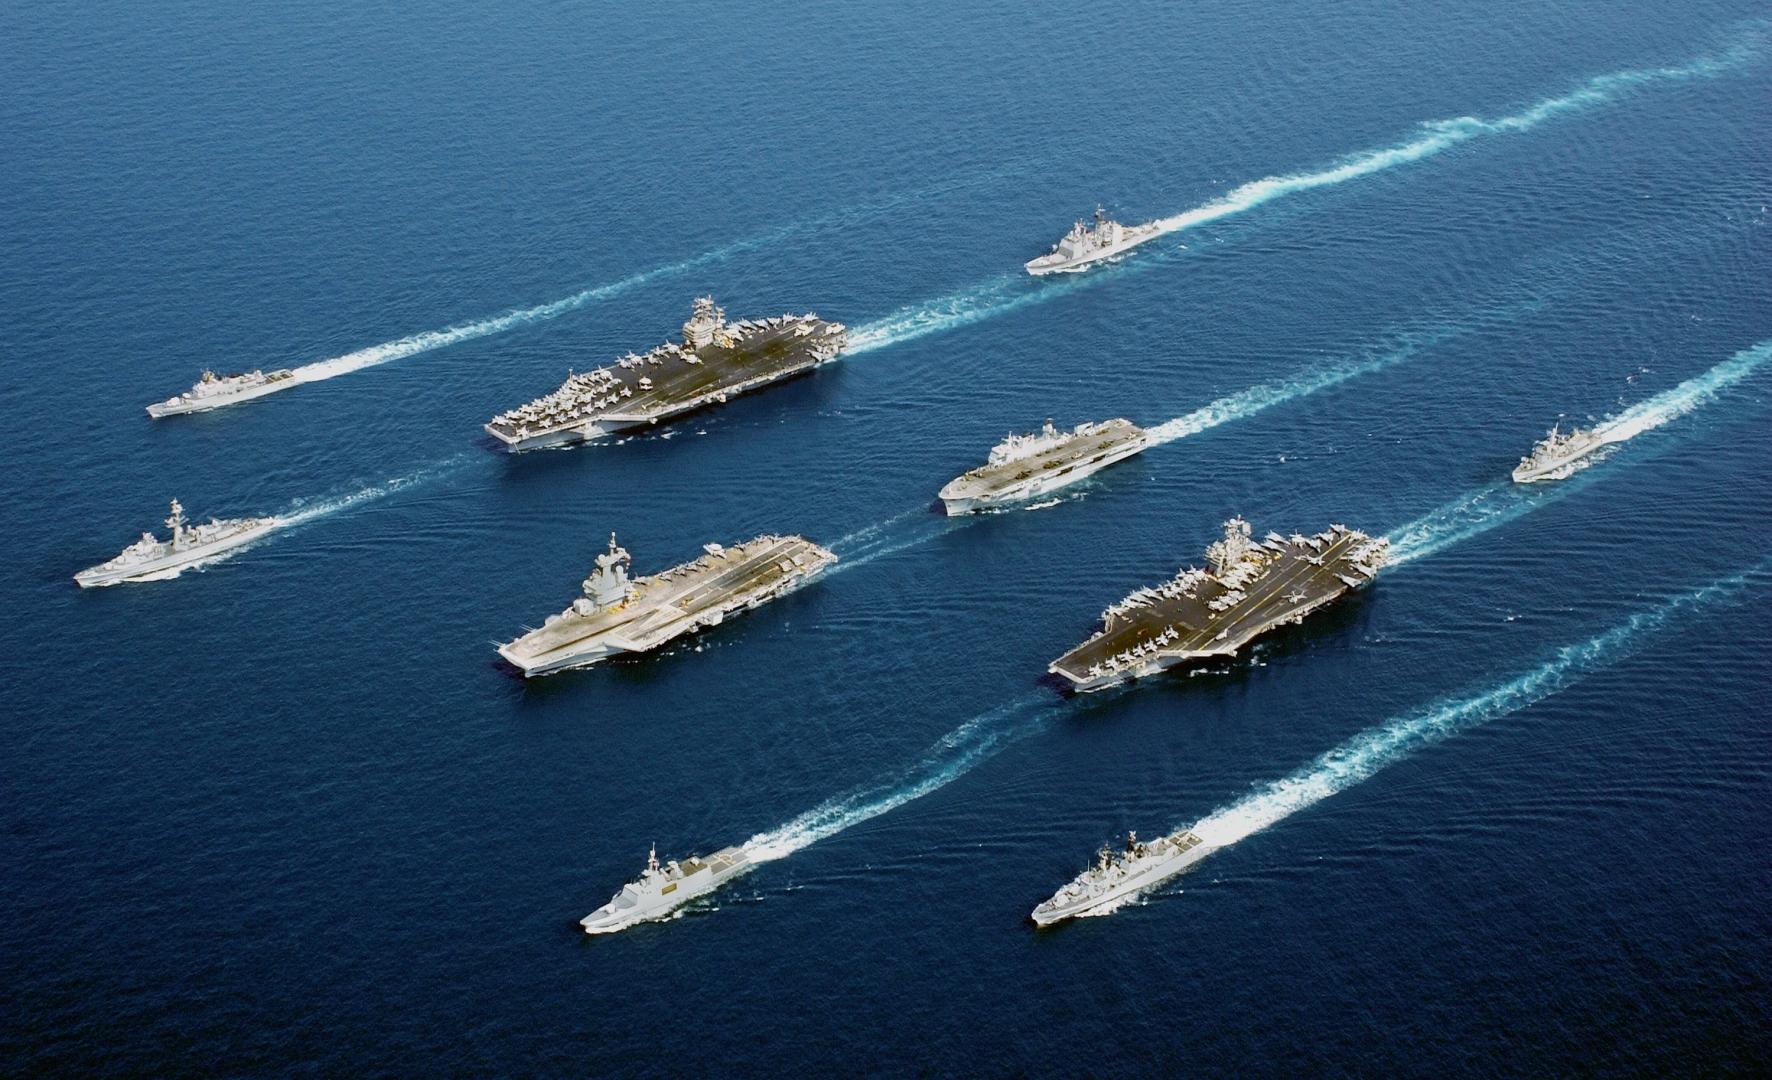 В США предложили оснащать авианосцы лазерным оружием для противодействия Китаю